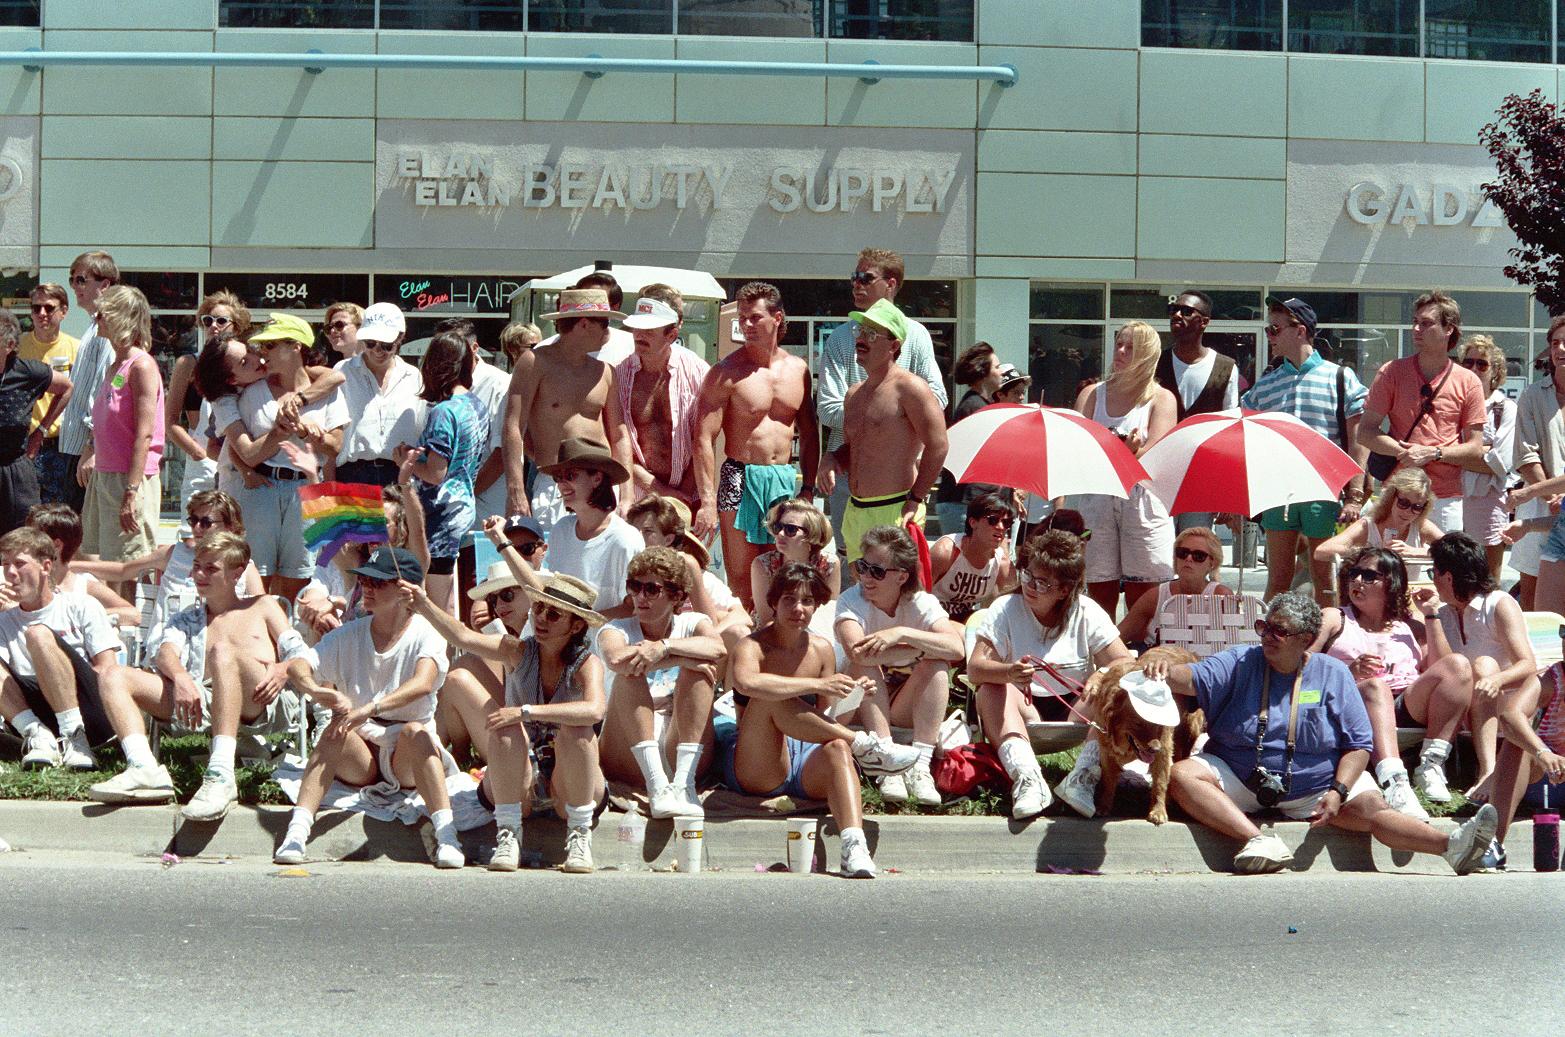 la-pride-1987-1995_22297350352_o